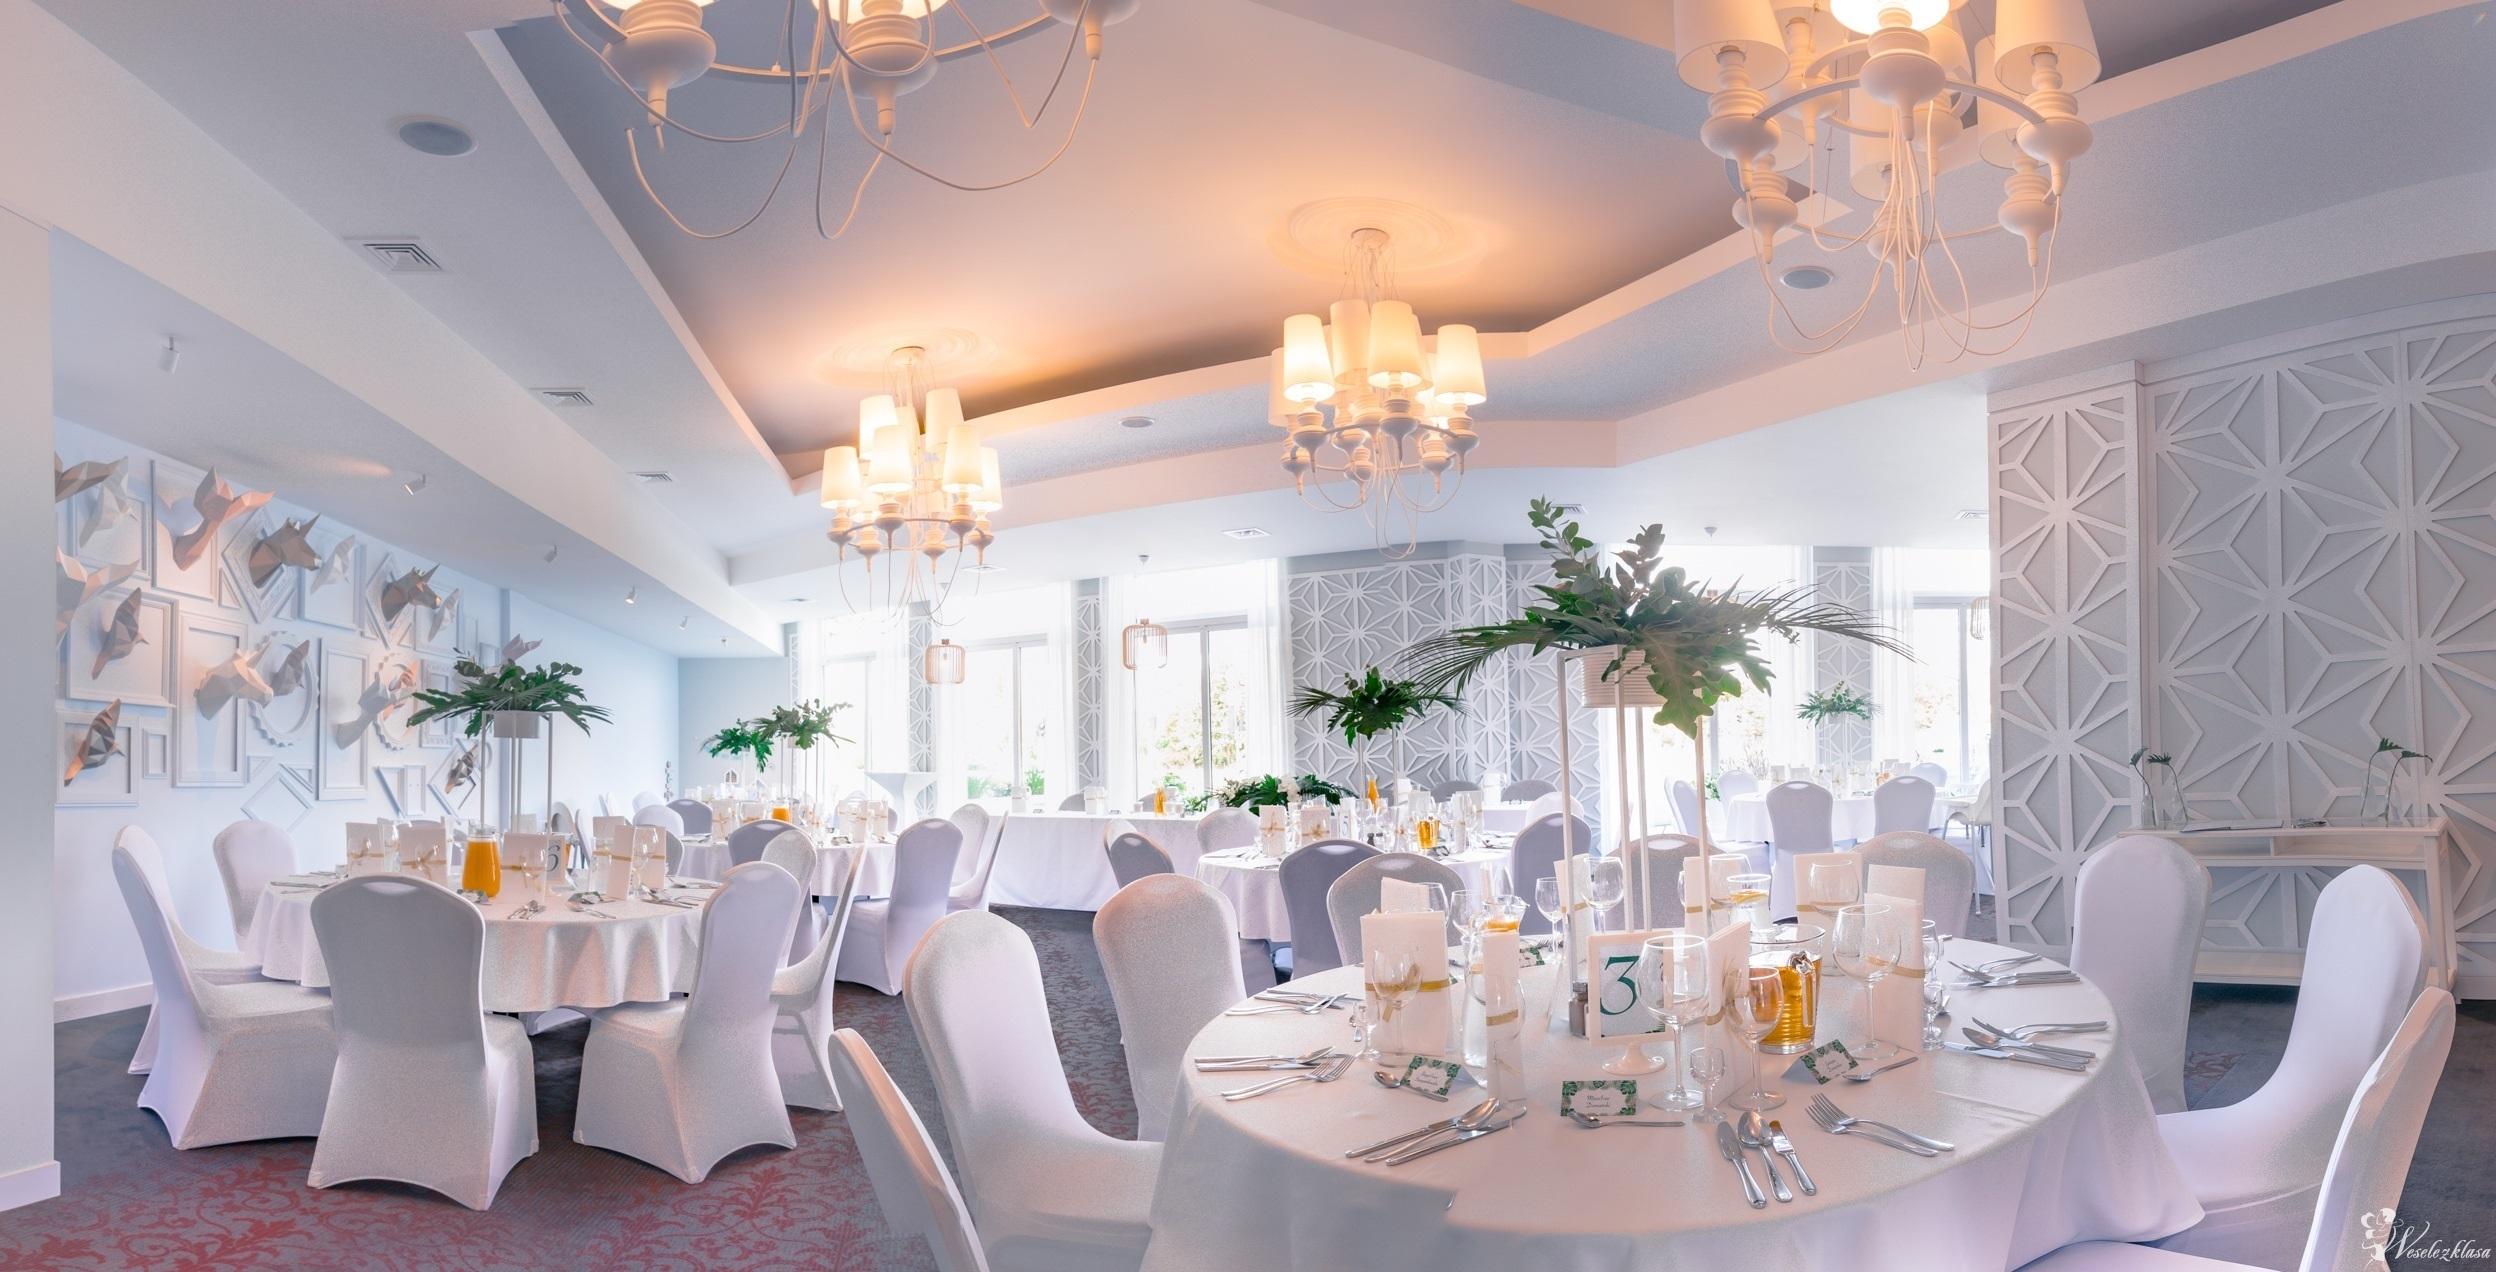 Piękne wesele w NoBo Hotel*** i restauracji SoTe, Łódź - zdjęcie 1